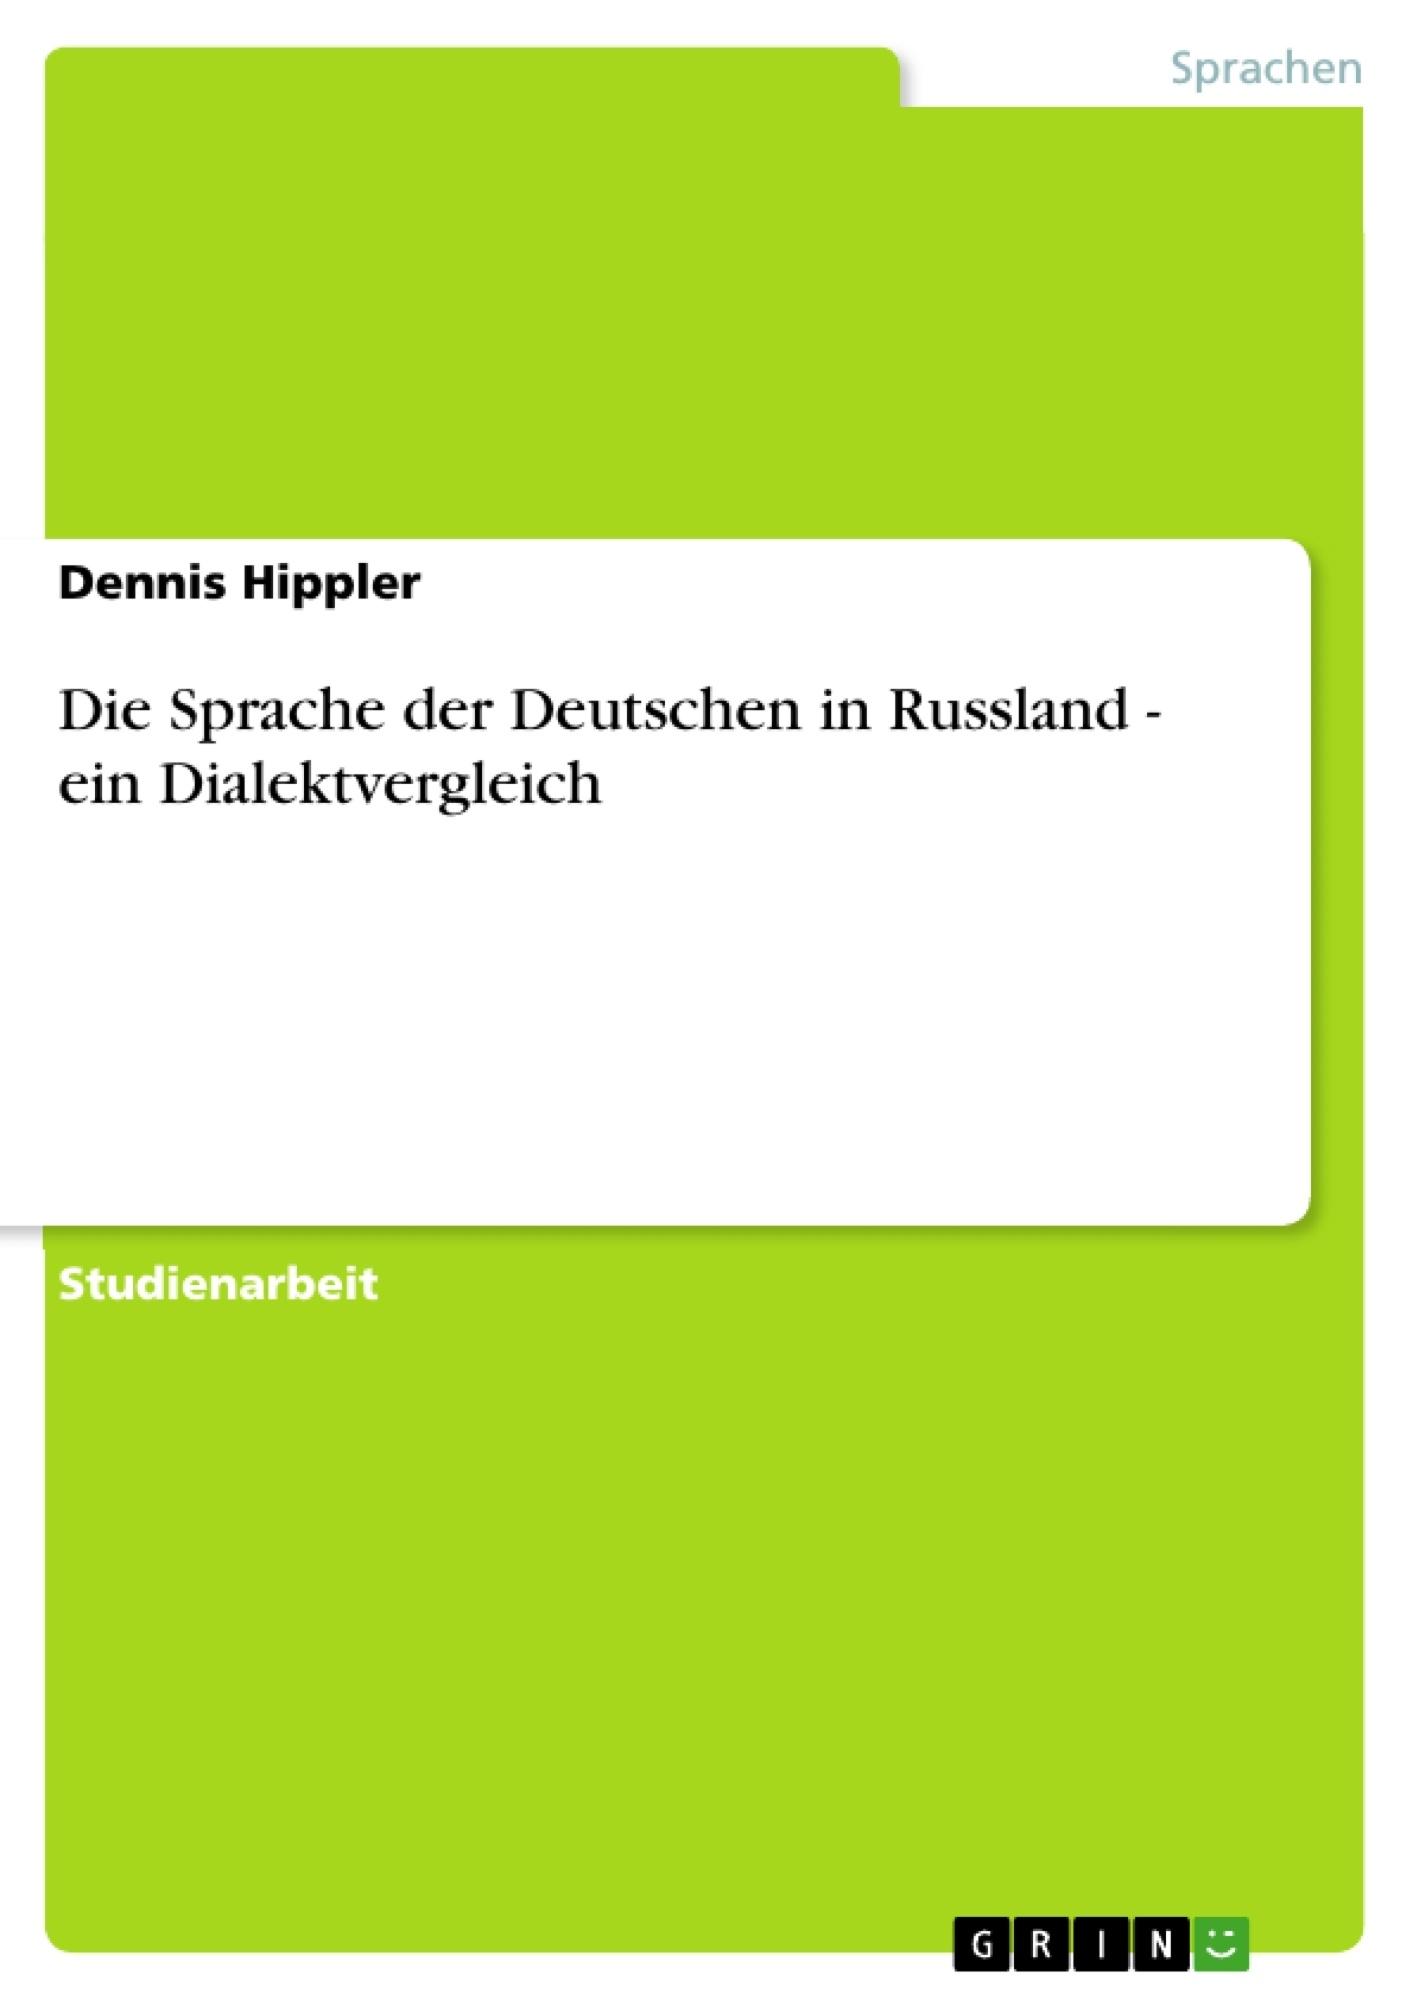 Titel: Die Sprache der Deutschen in Russland - ein Dialektvergleich